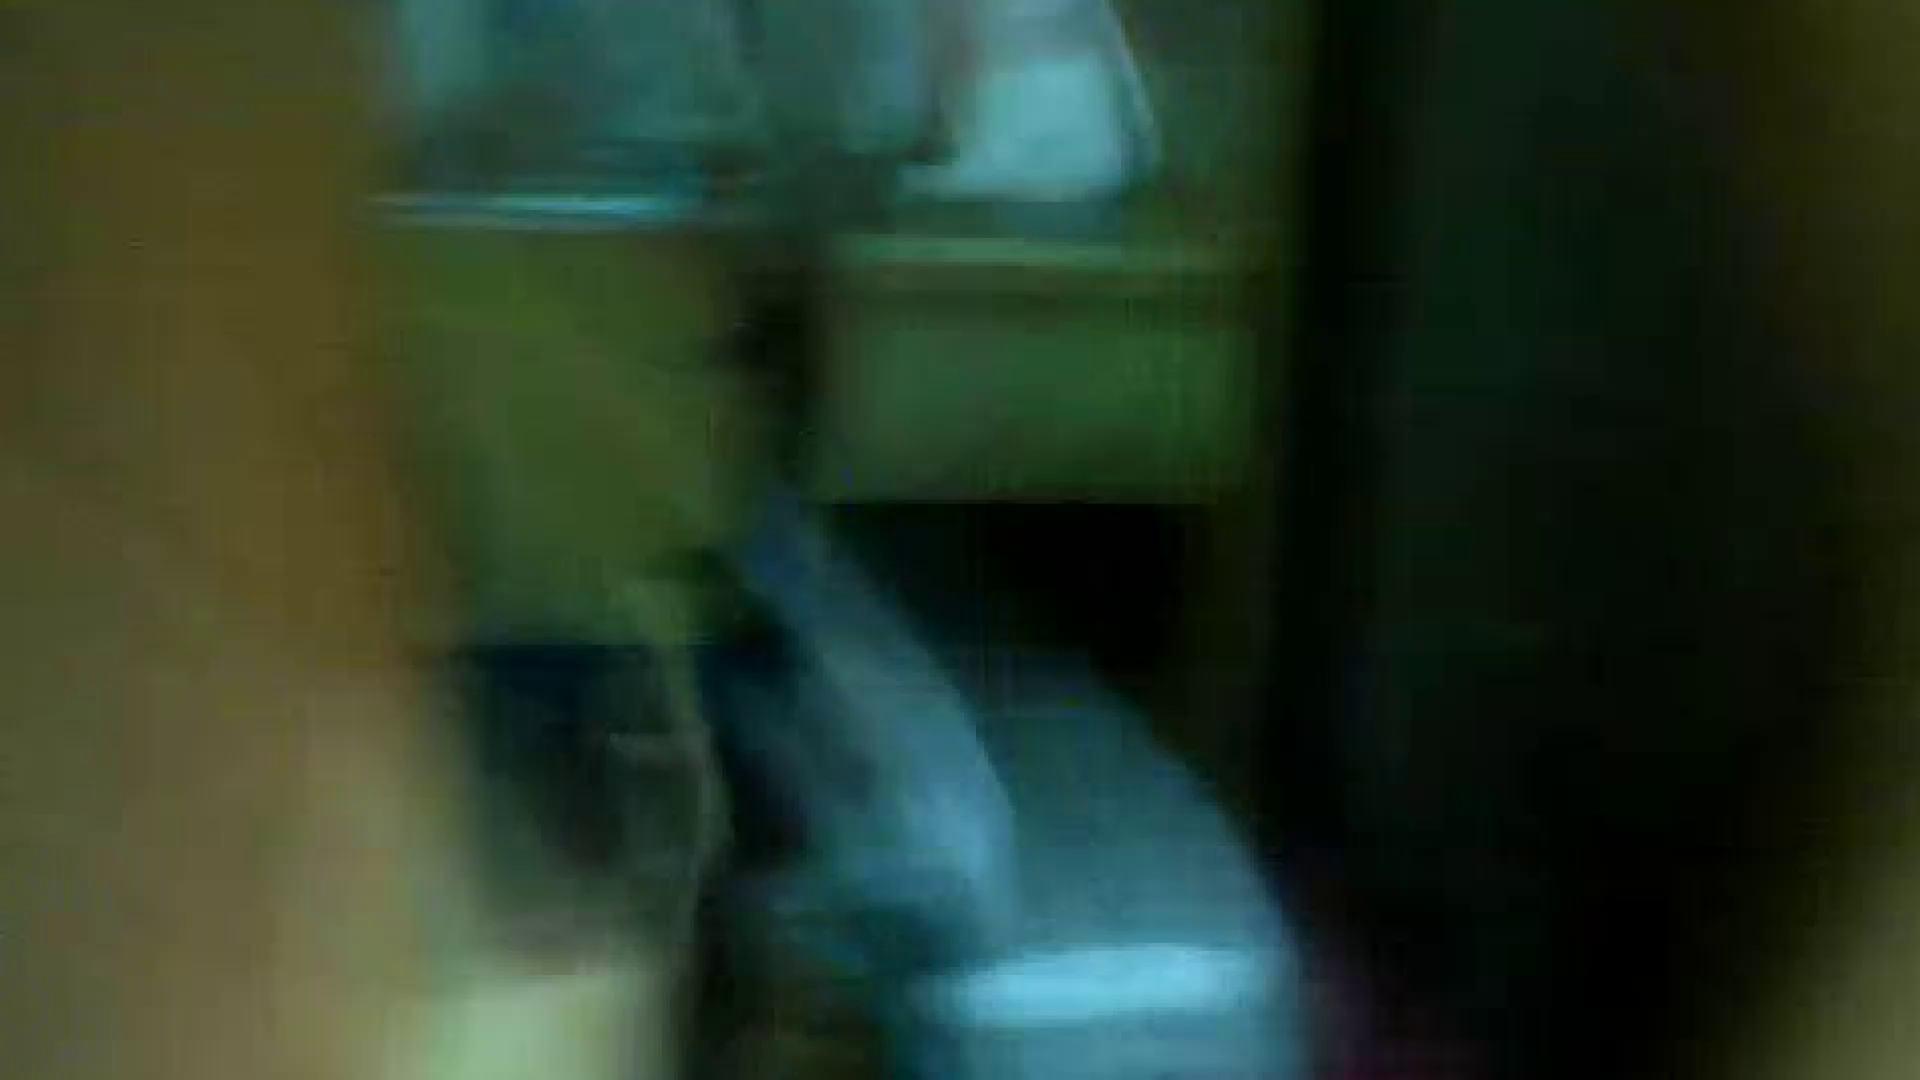 巨根 オナニー塾Vol.11 オナニー アダルトビデオ画像キャプチャ 105枚 32